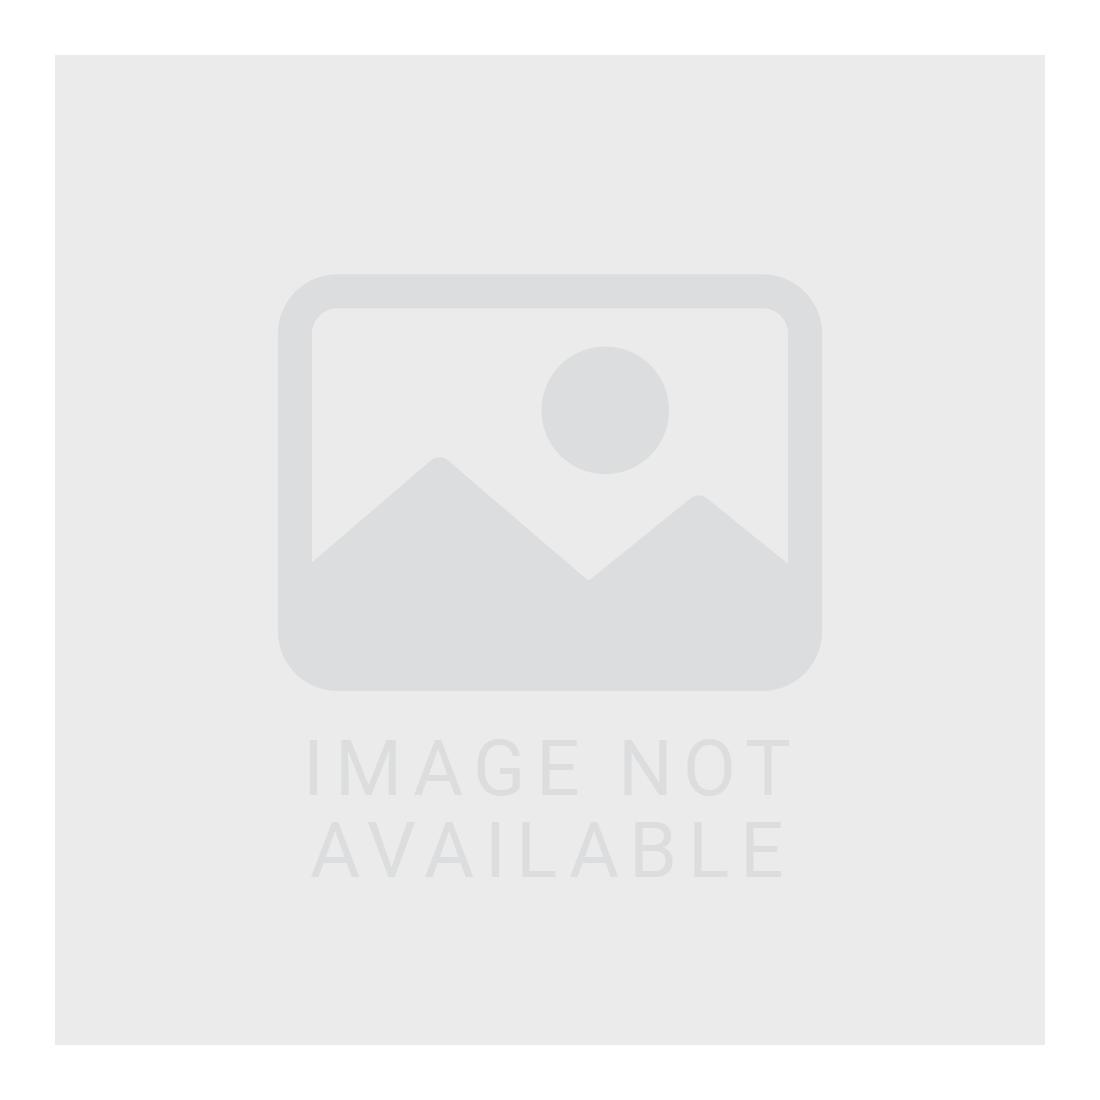 HEMI Rubber Patch Cap